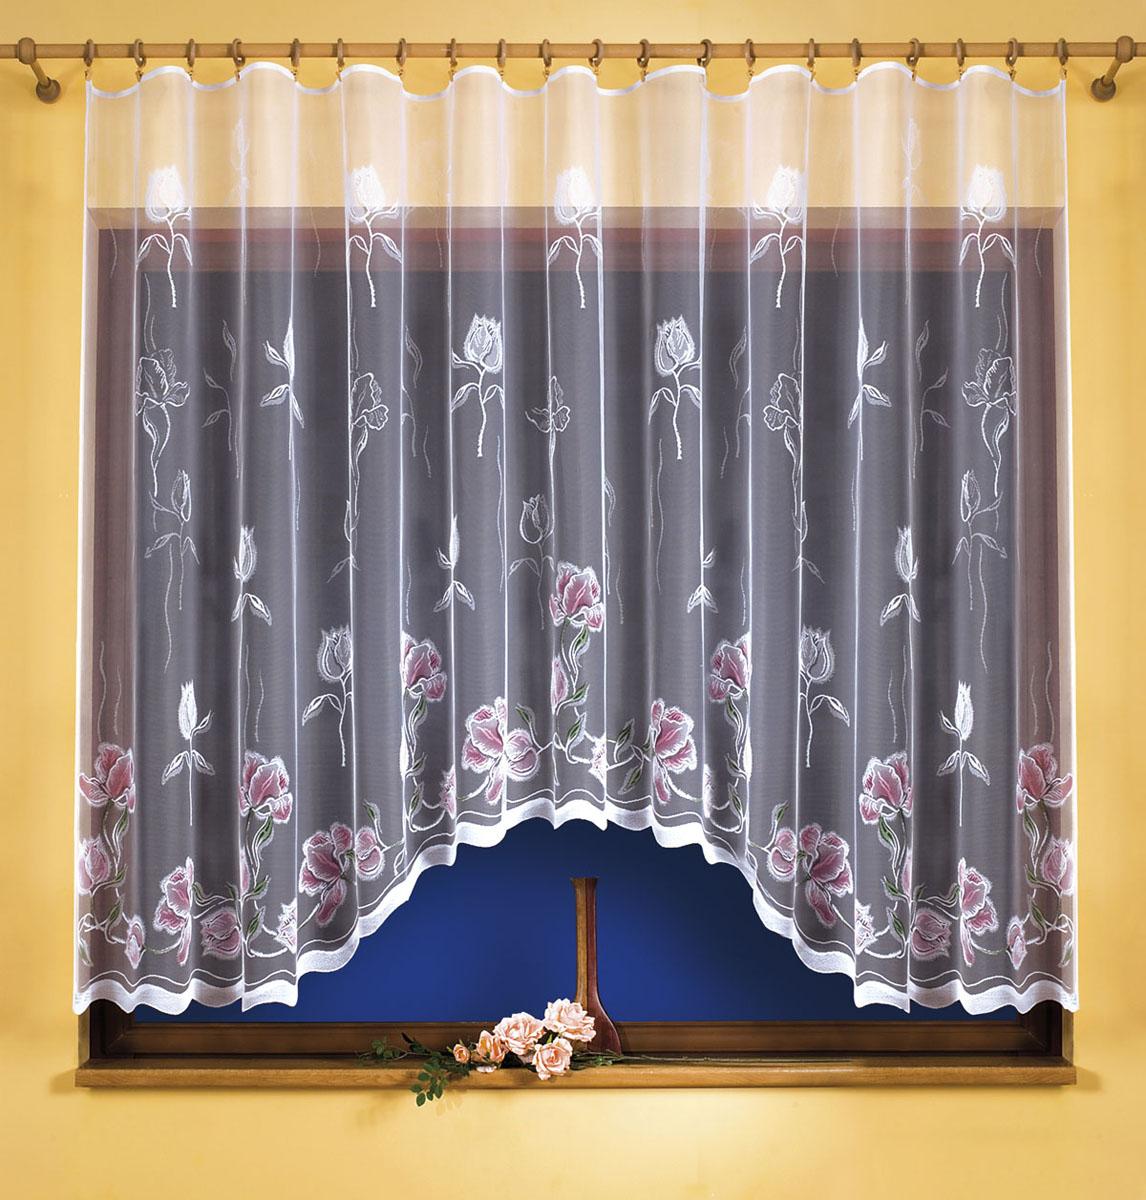 Штора для кухни Wisan, на ленте, цвет: белый, сиреневый, высота 180 см. 95339533Штора Wisan, выполненная из легкого полупрозрачного полиэстера белого цвета, станет великолепным украшением кухонного окна. Изделие имеет ассиметричную длину и красивый цветочный рисунок по всей поверхности полотна. Качественный материал и оригинальный дизайн привлекут к себе внимание и позволят шторе органично вписаться в интерьер помещения. Штора оснащена шторной лентой под зажимы для крепления на карниз.